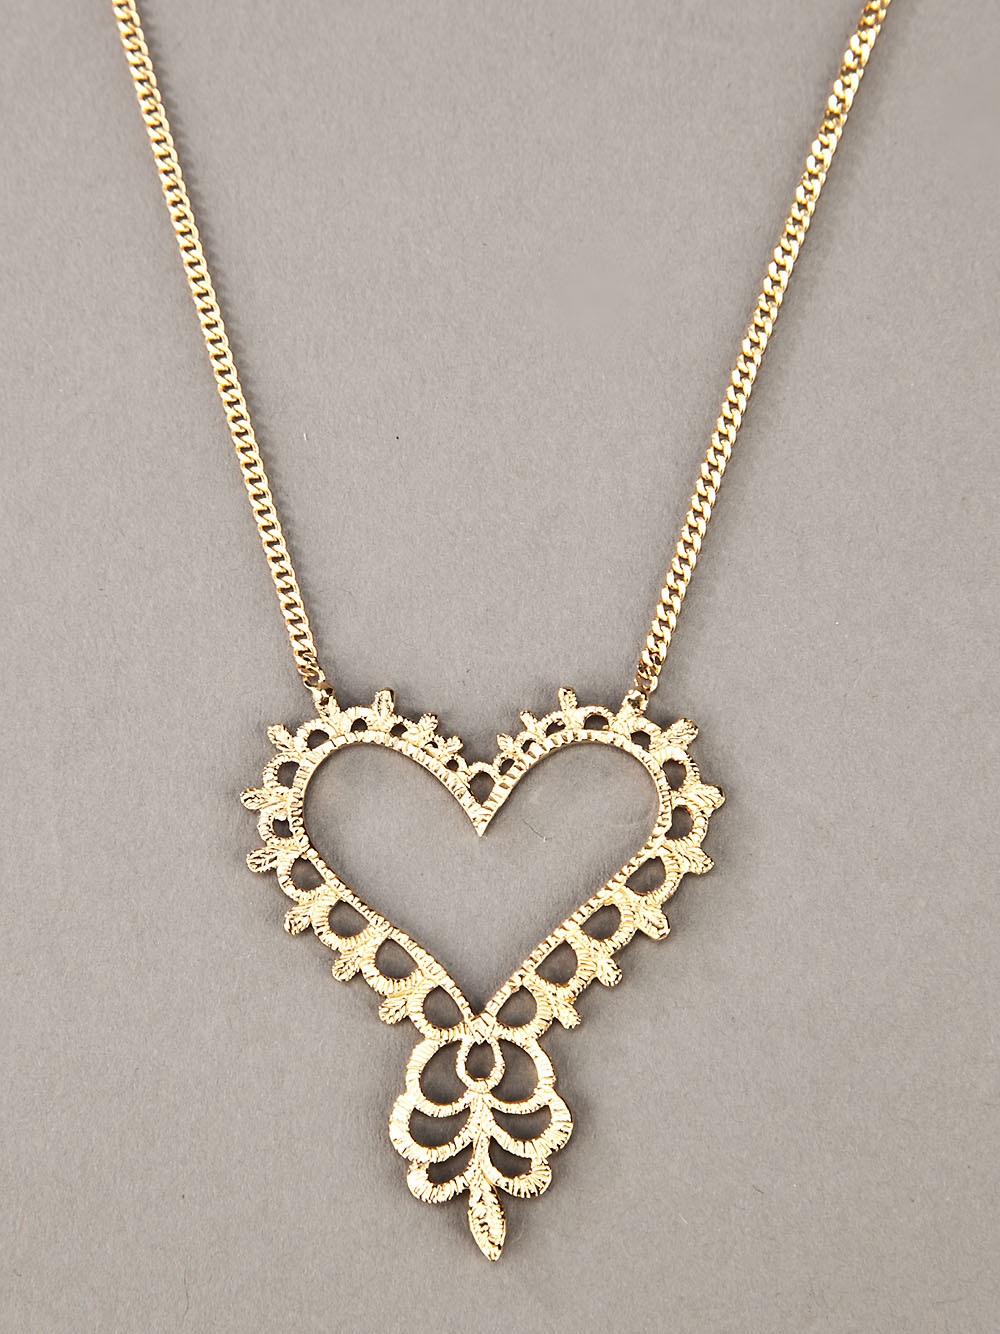 Zoe & Morgan Gypsy Love Necklace in Gold (Metallic)